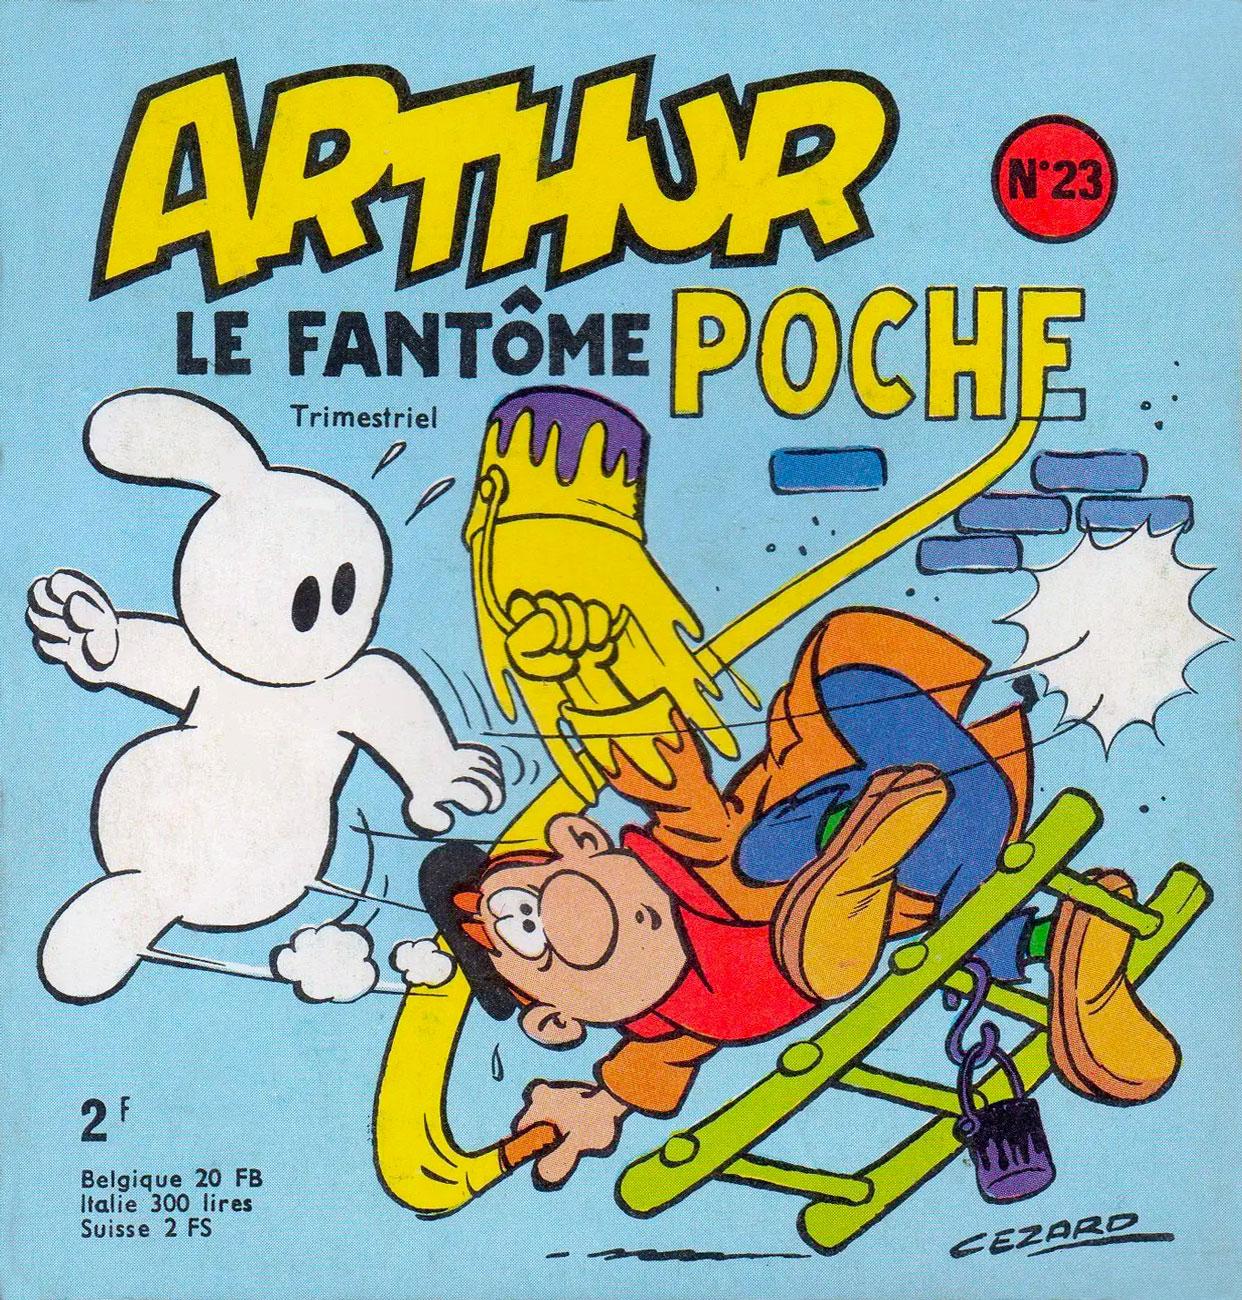 ArthurPoche23A